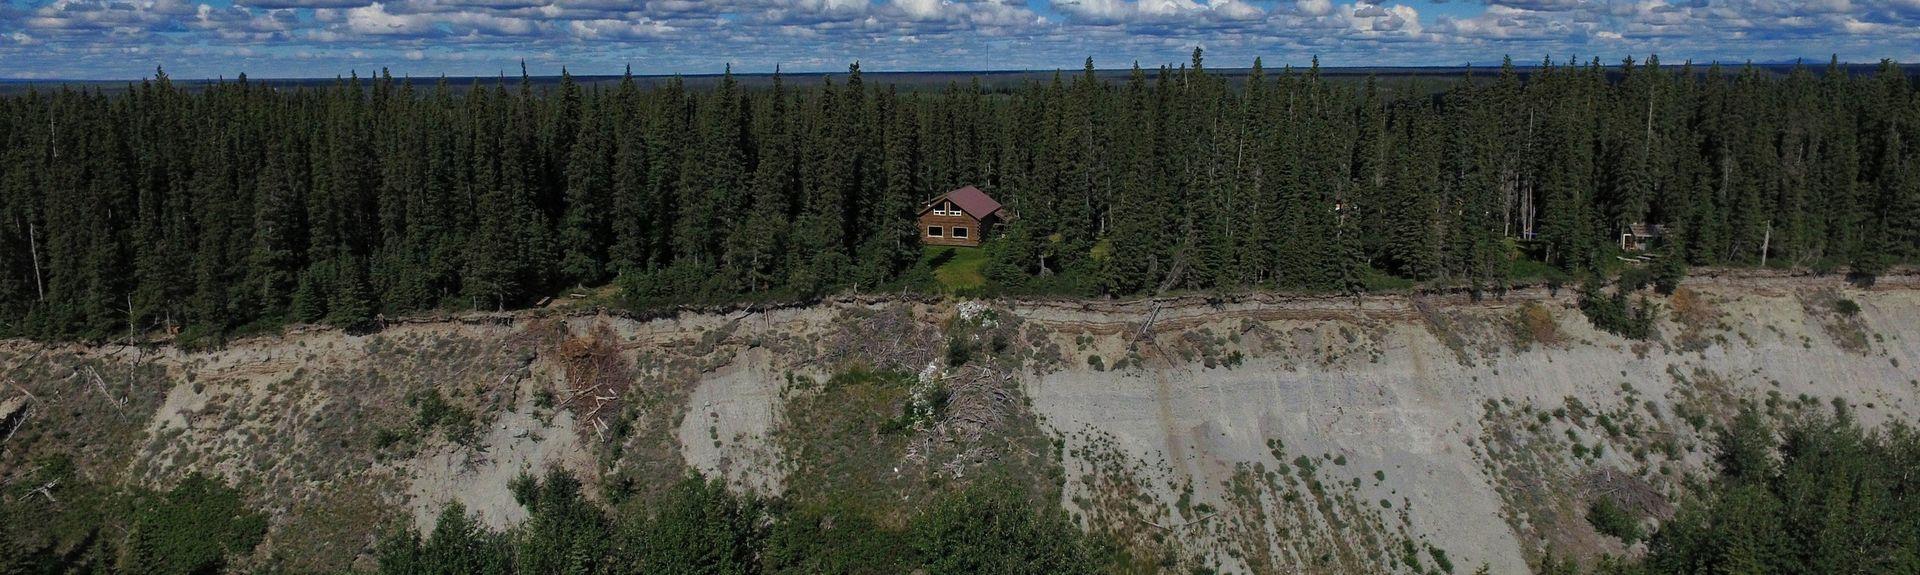 Glennallen, AK, USA